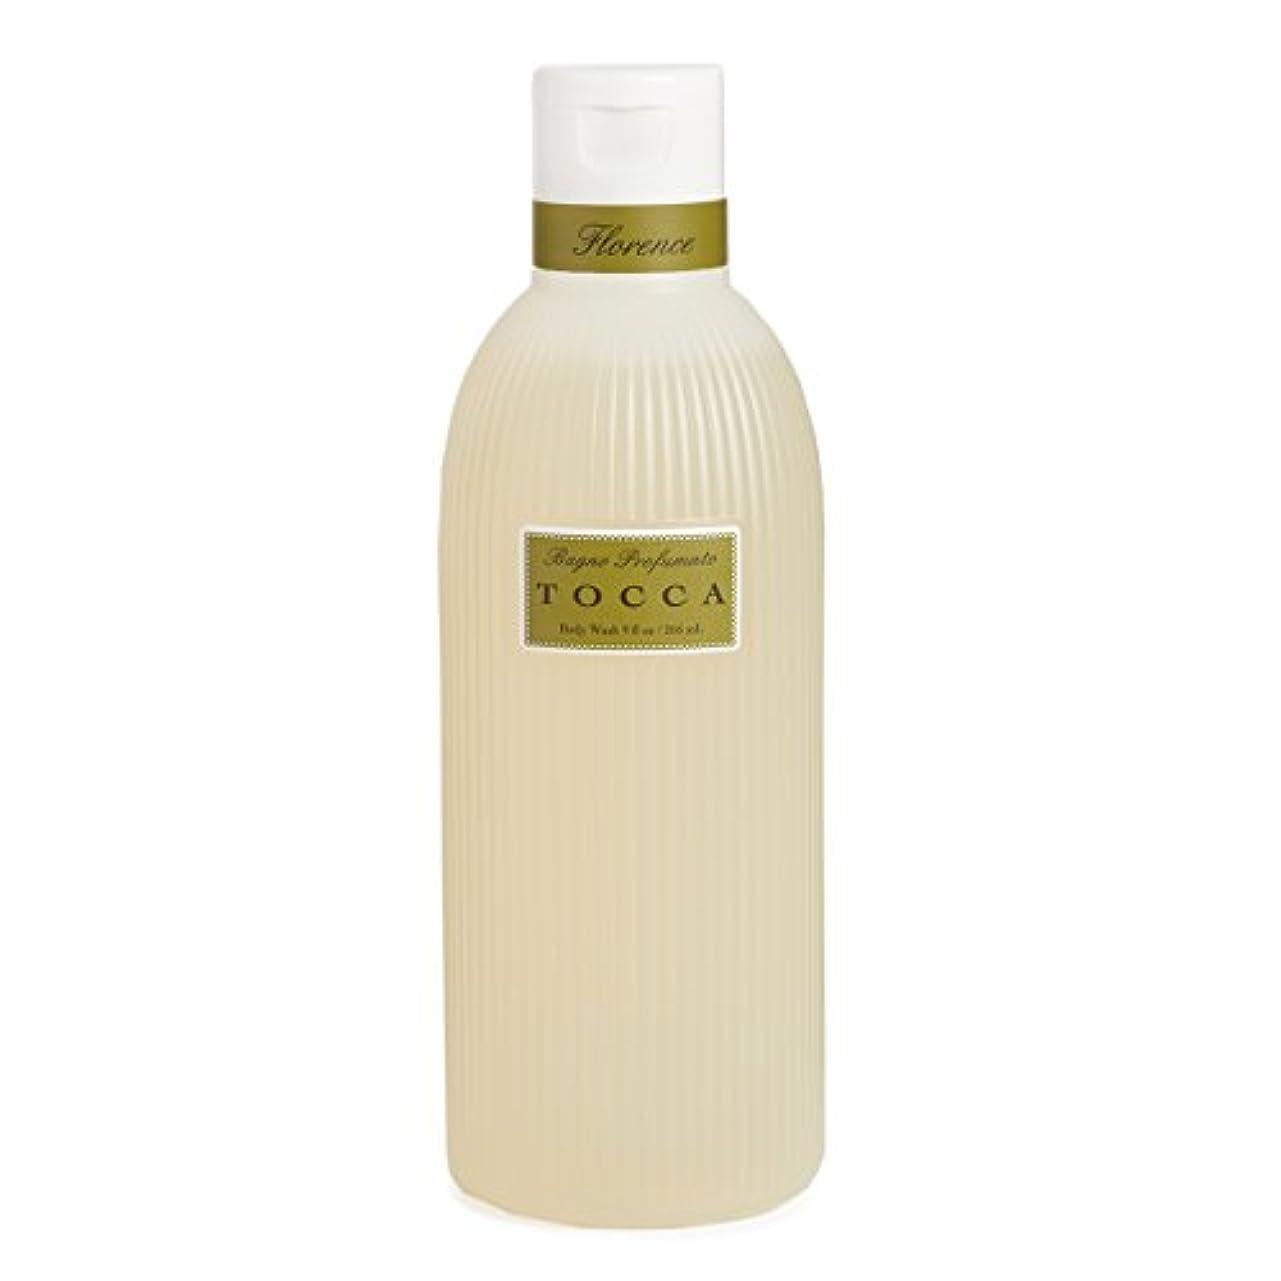 ドアミラー周術期トッカ(TOCCA) ボディーケアウォッシュ フローレンスの香り 266ml(全身用洗浄料 ボディーソープ ガーデニアとベルガモットが誘うように溶け合うどこまでも上品なフローラルの香り)